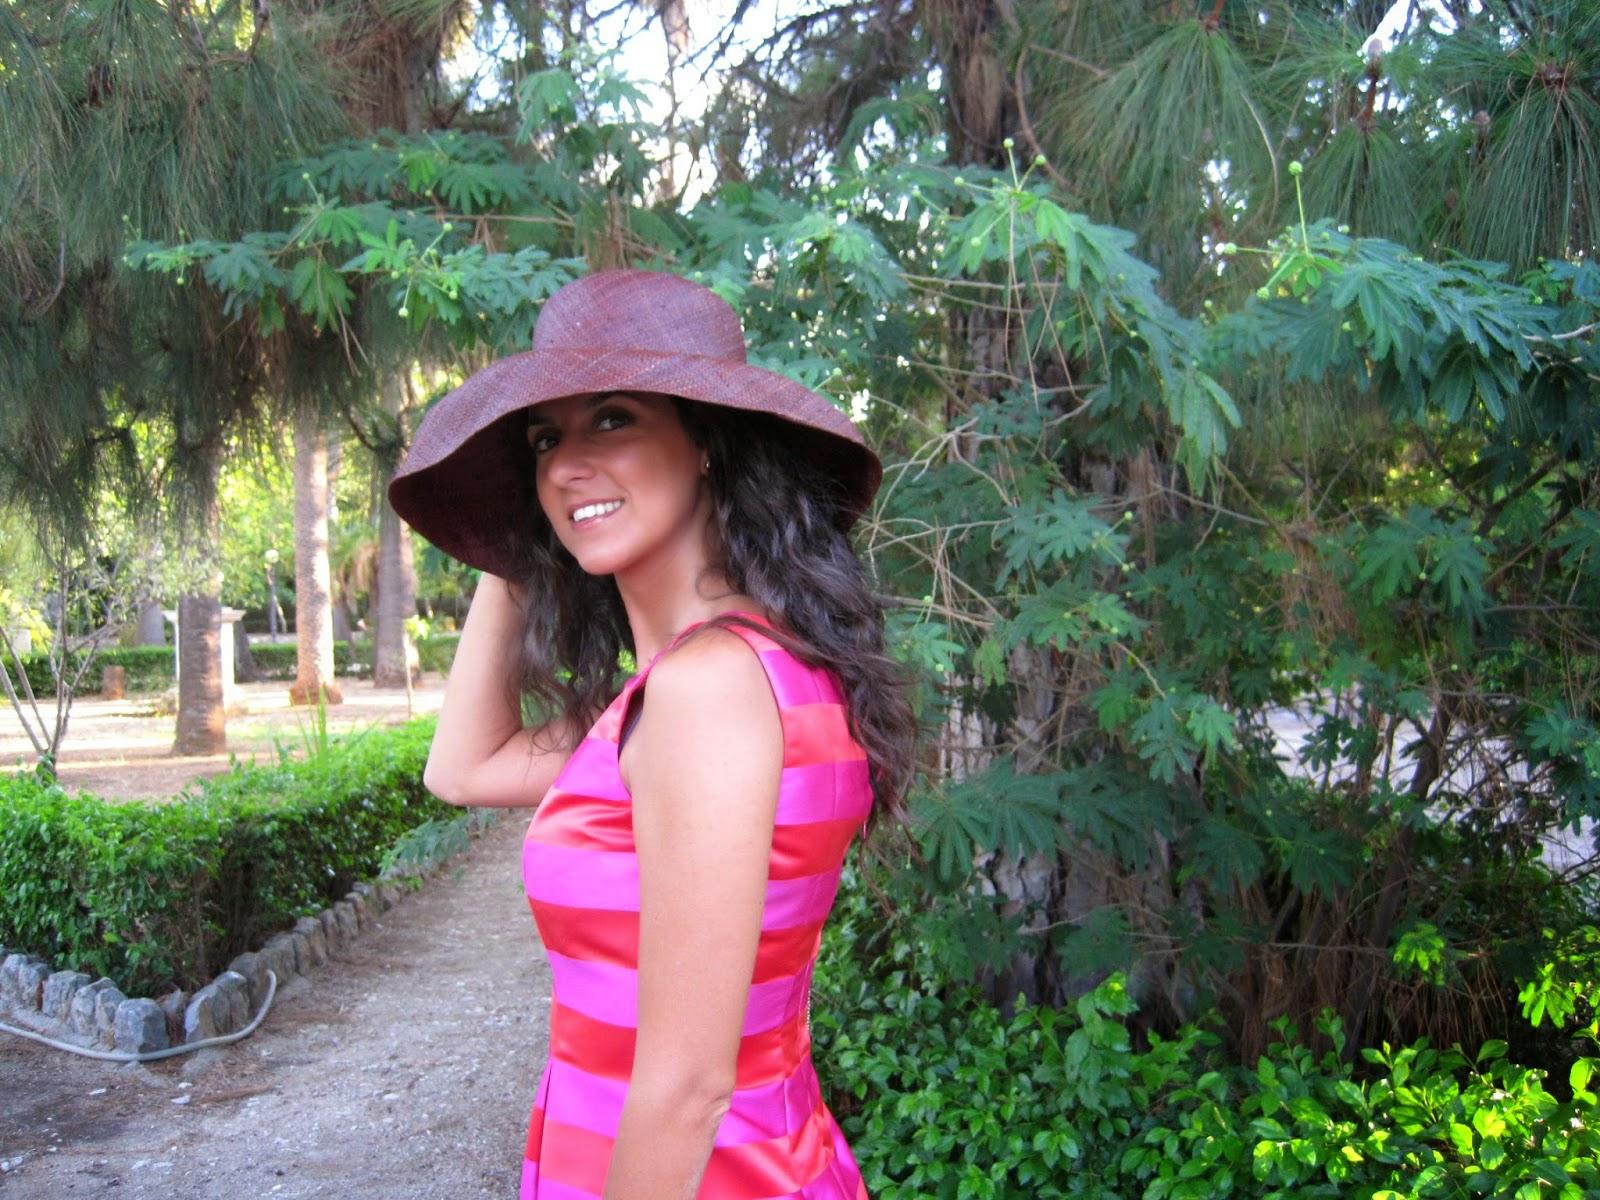 la-sciarpa-viola-cappello-anni-50-tubino-moda-Audrey-Hepburn